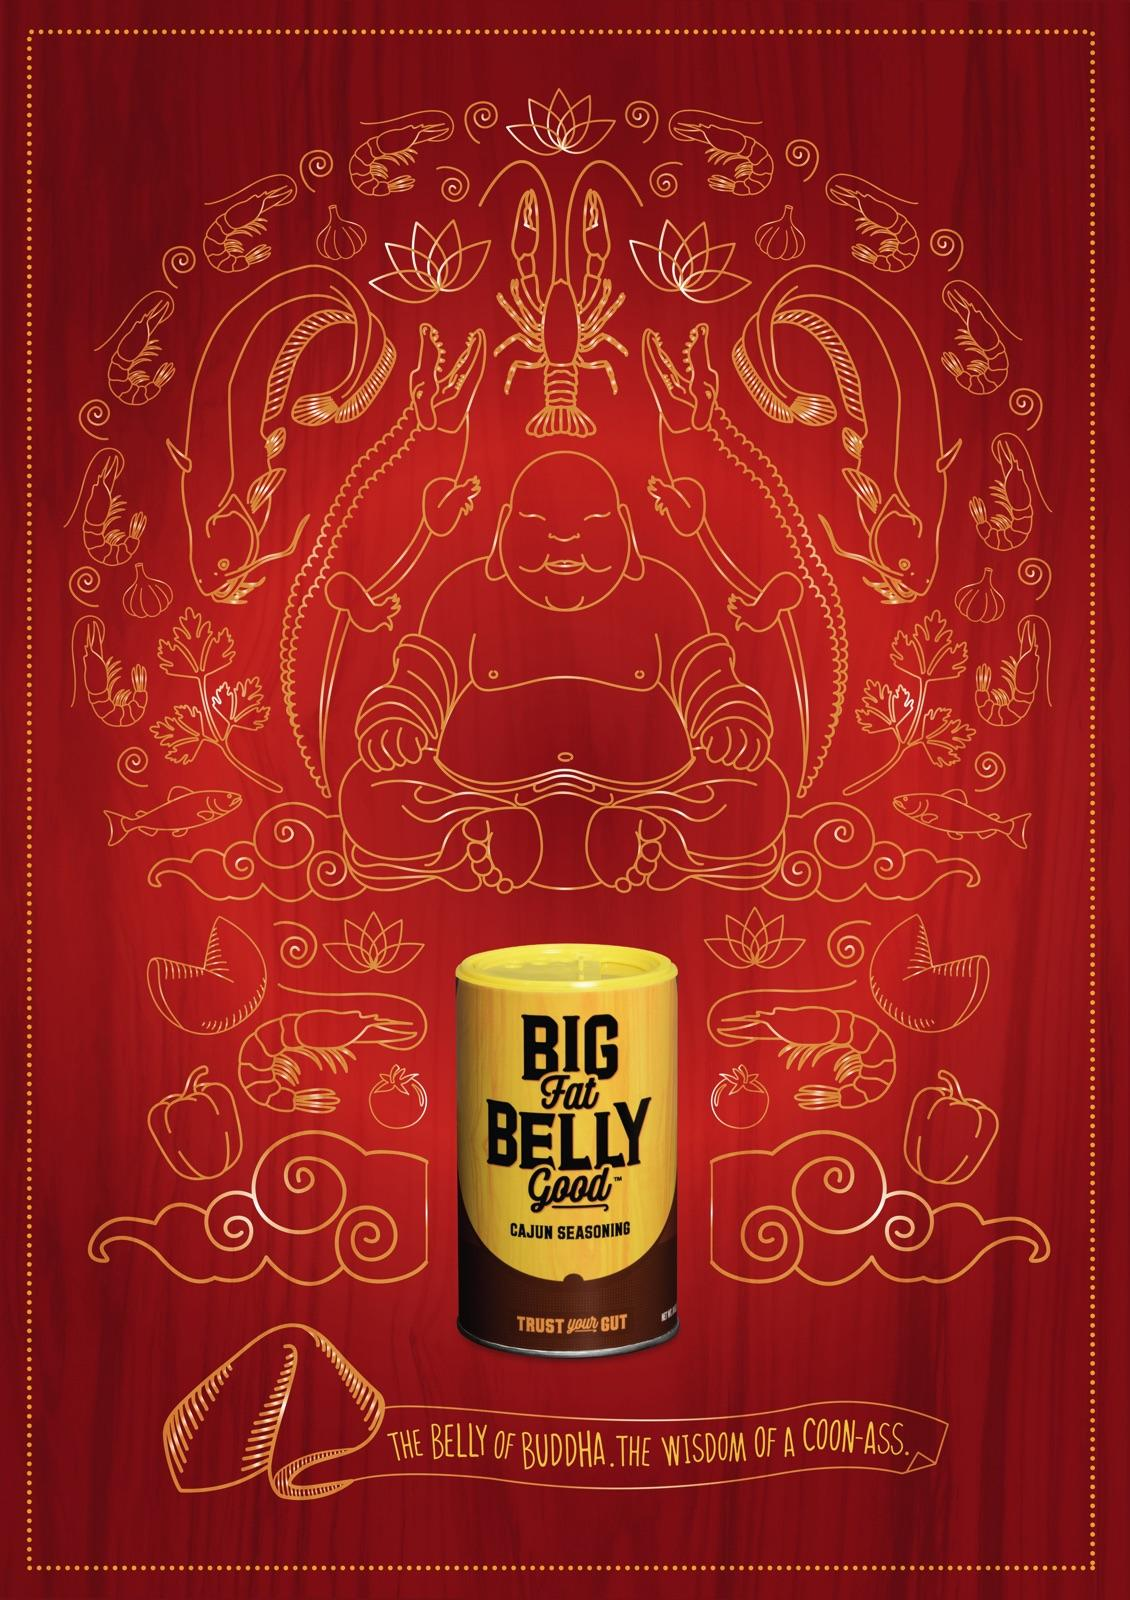 Big Fat Belly Good Print Ad - Buddha Belly